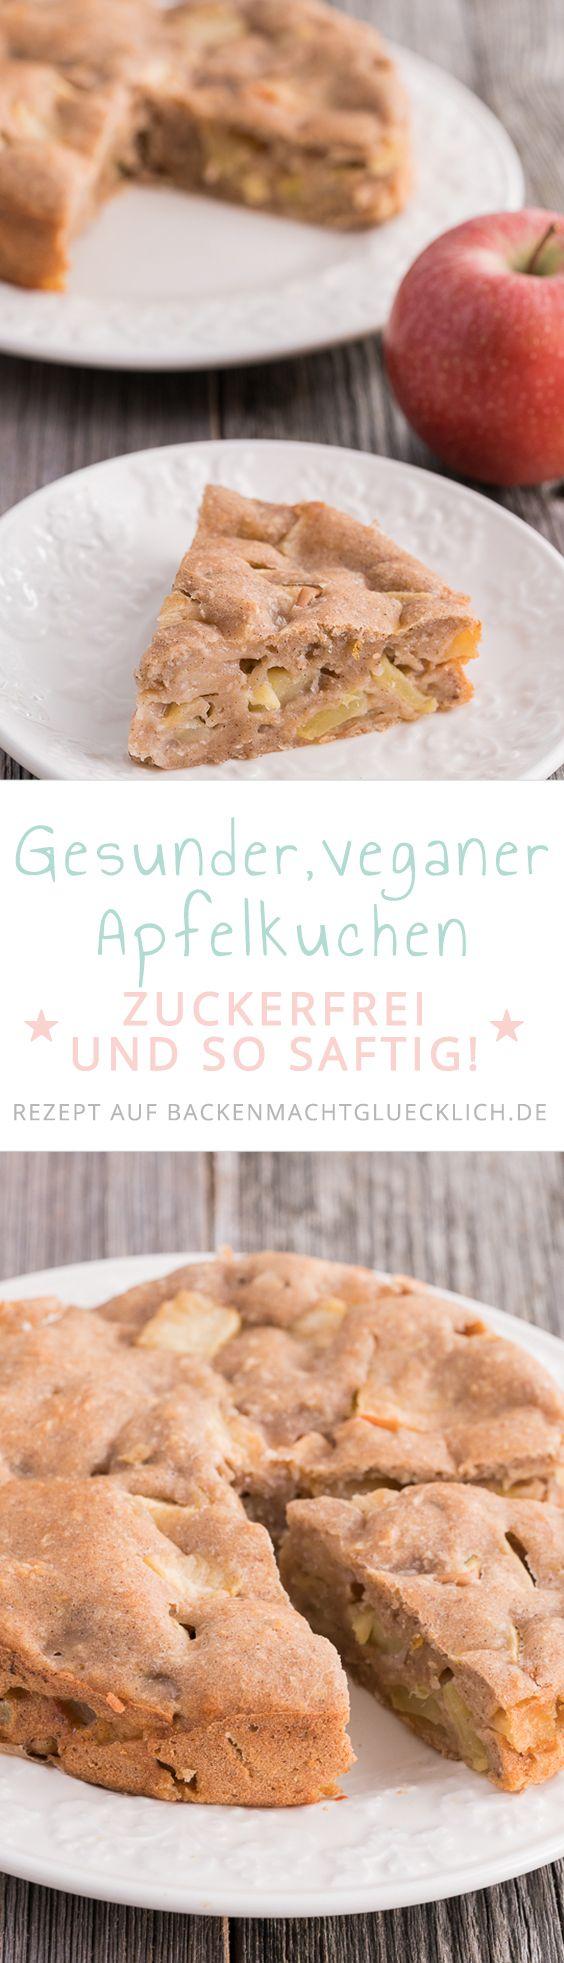 Dieser vegane Apfelkuchen ohne Ei, Butter, Zucker und Milch ist ein toller, gesunder Apfelkuchen für Babys, Kinder und Erwachsene! (Low Carb Bake Cheesecake)